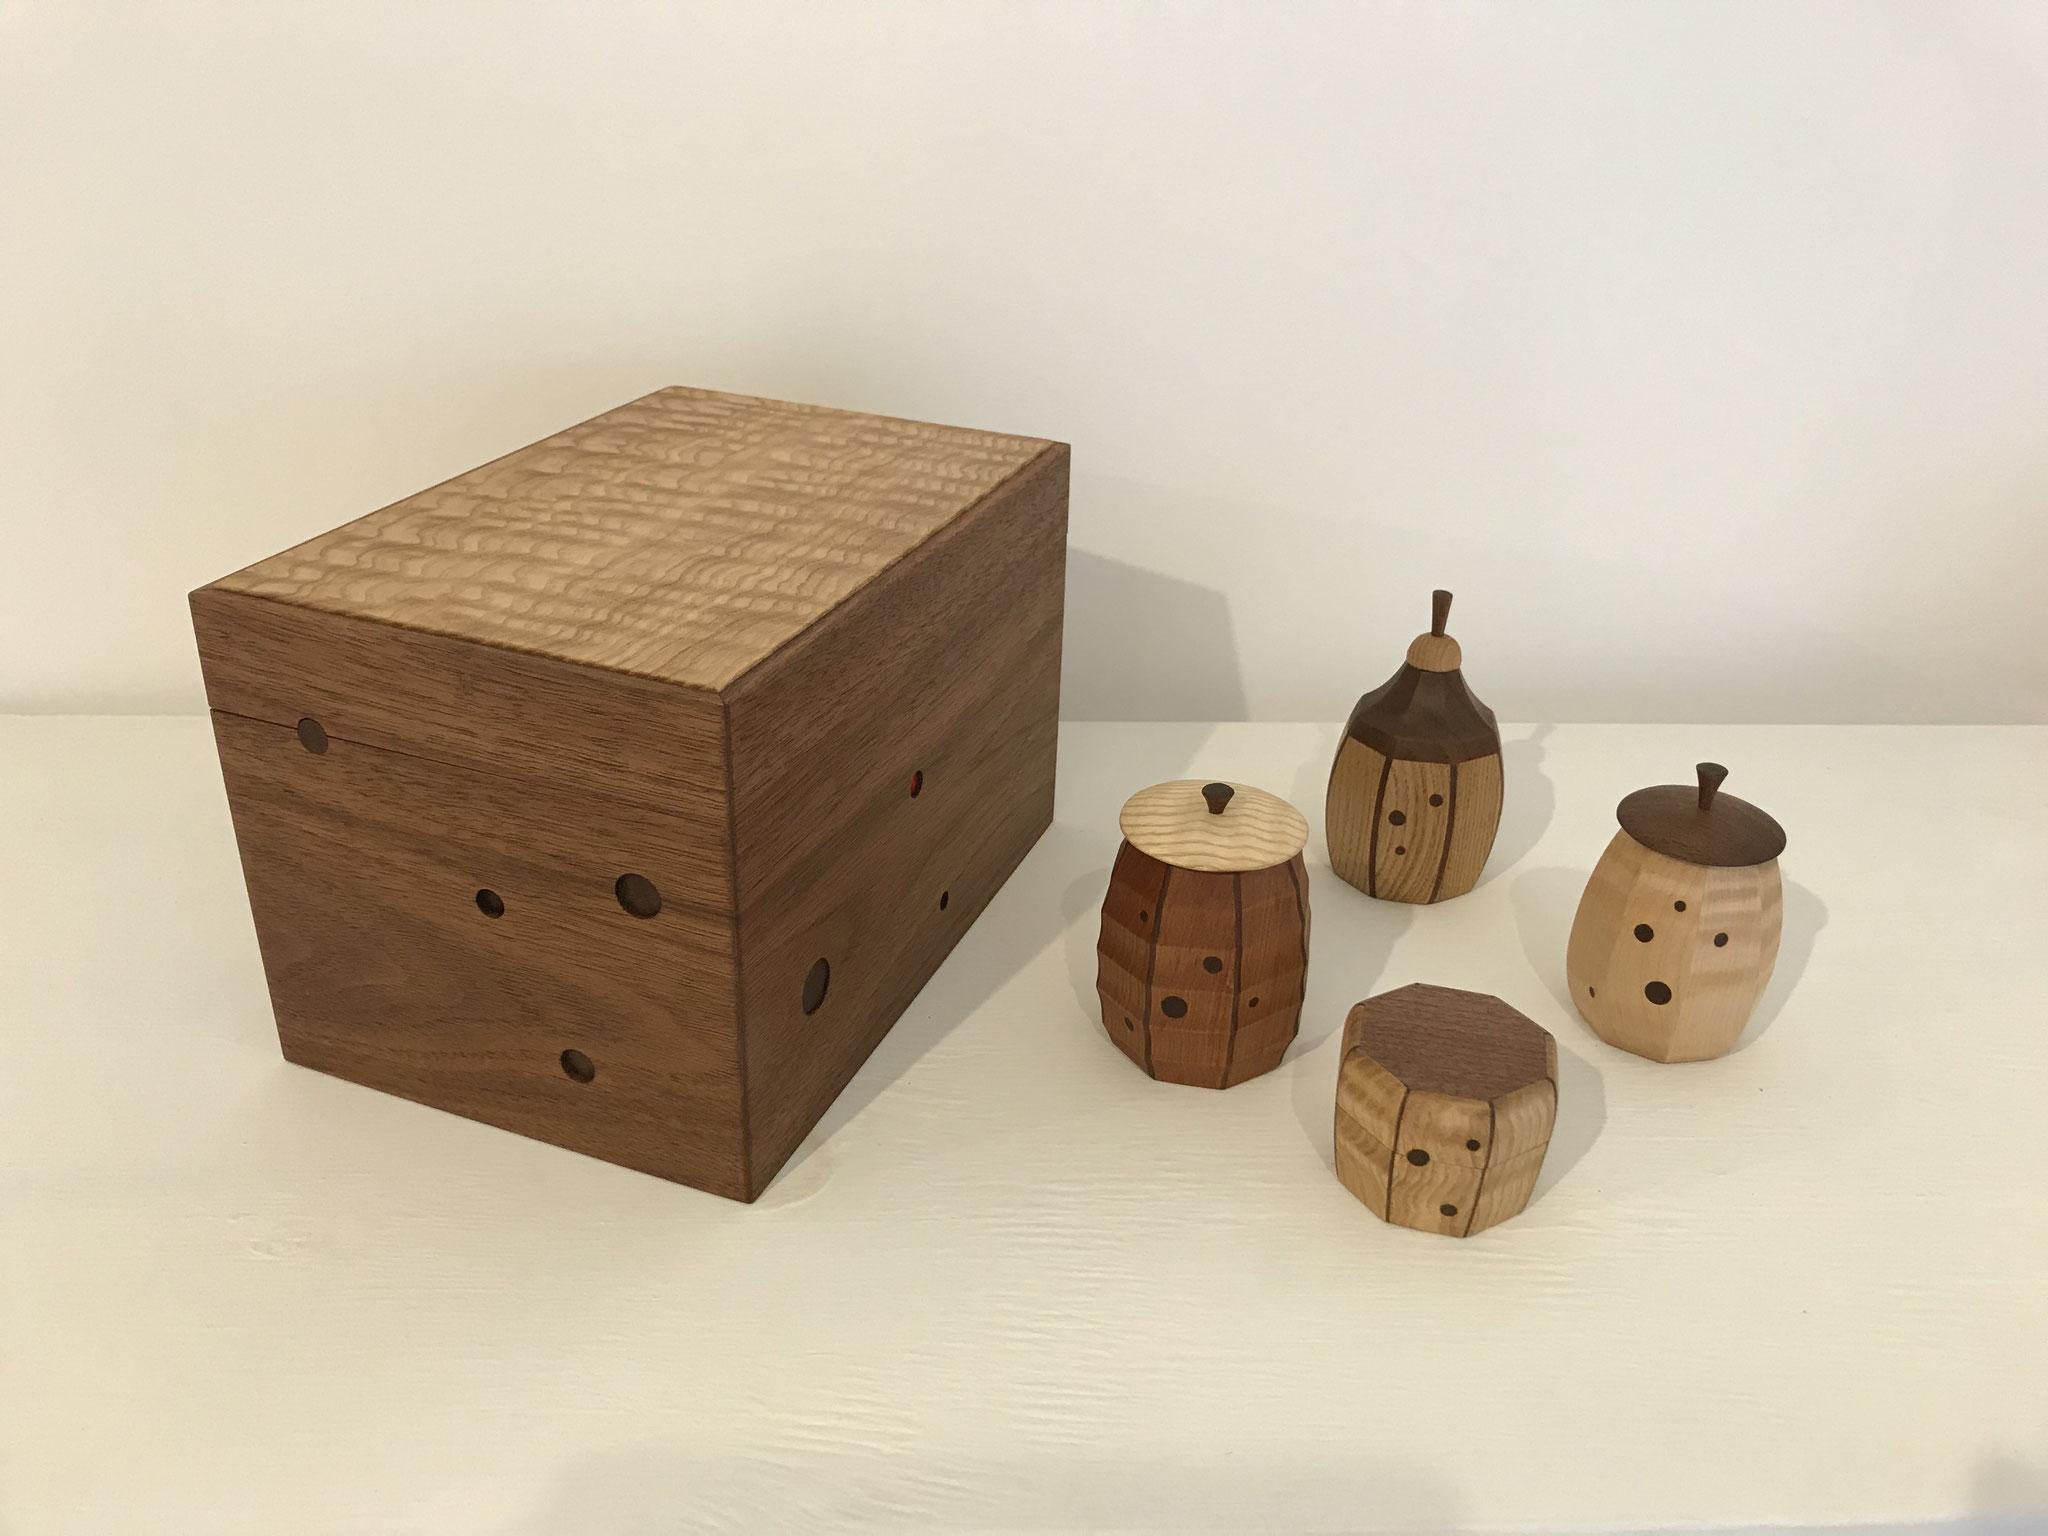 茶人の箱と茶器、振出。/八ヶ岳の家具工房ZEROSSOの茶道具、創作家具